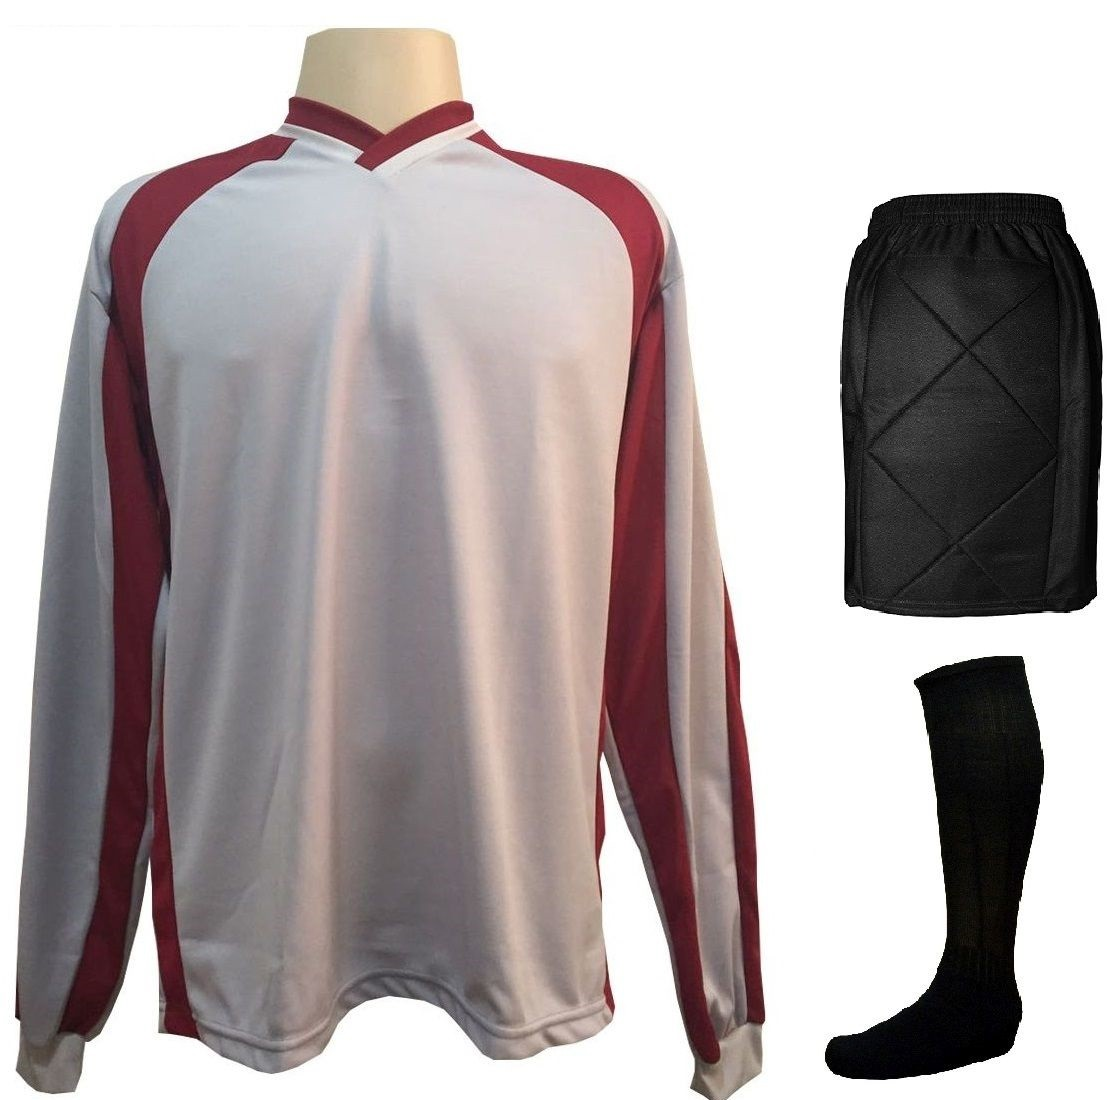 Fardamento Completo modelo Milan 12+1 (12 Camisas Branco/Preto + 12 Calções Preto/Branco + 12 Pares de Meiões Brancos + 1 Conjunto de Goleiro) + Brindes